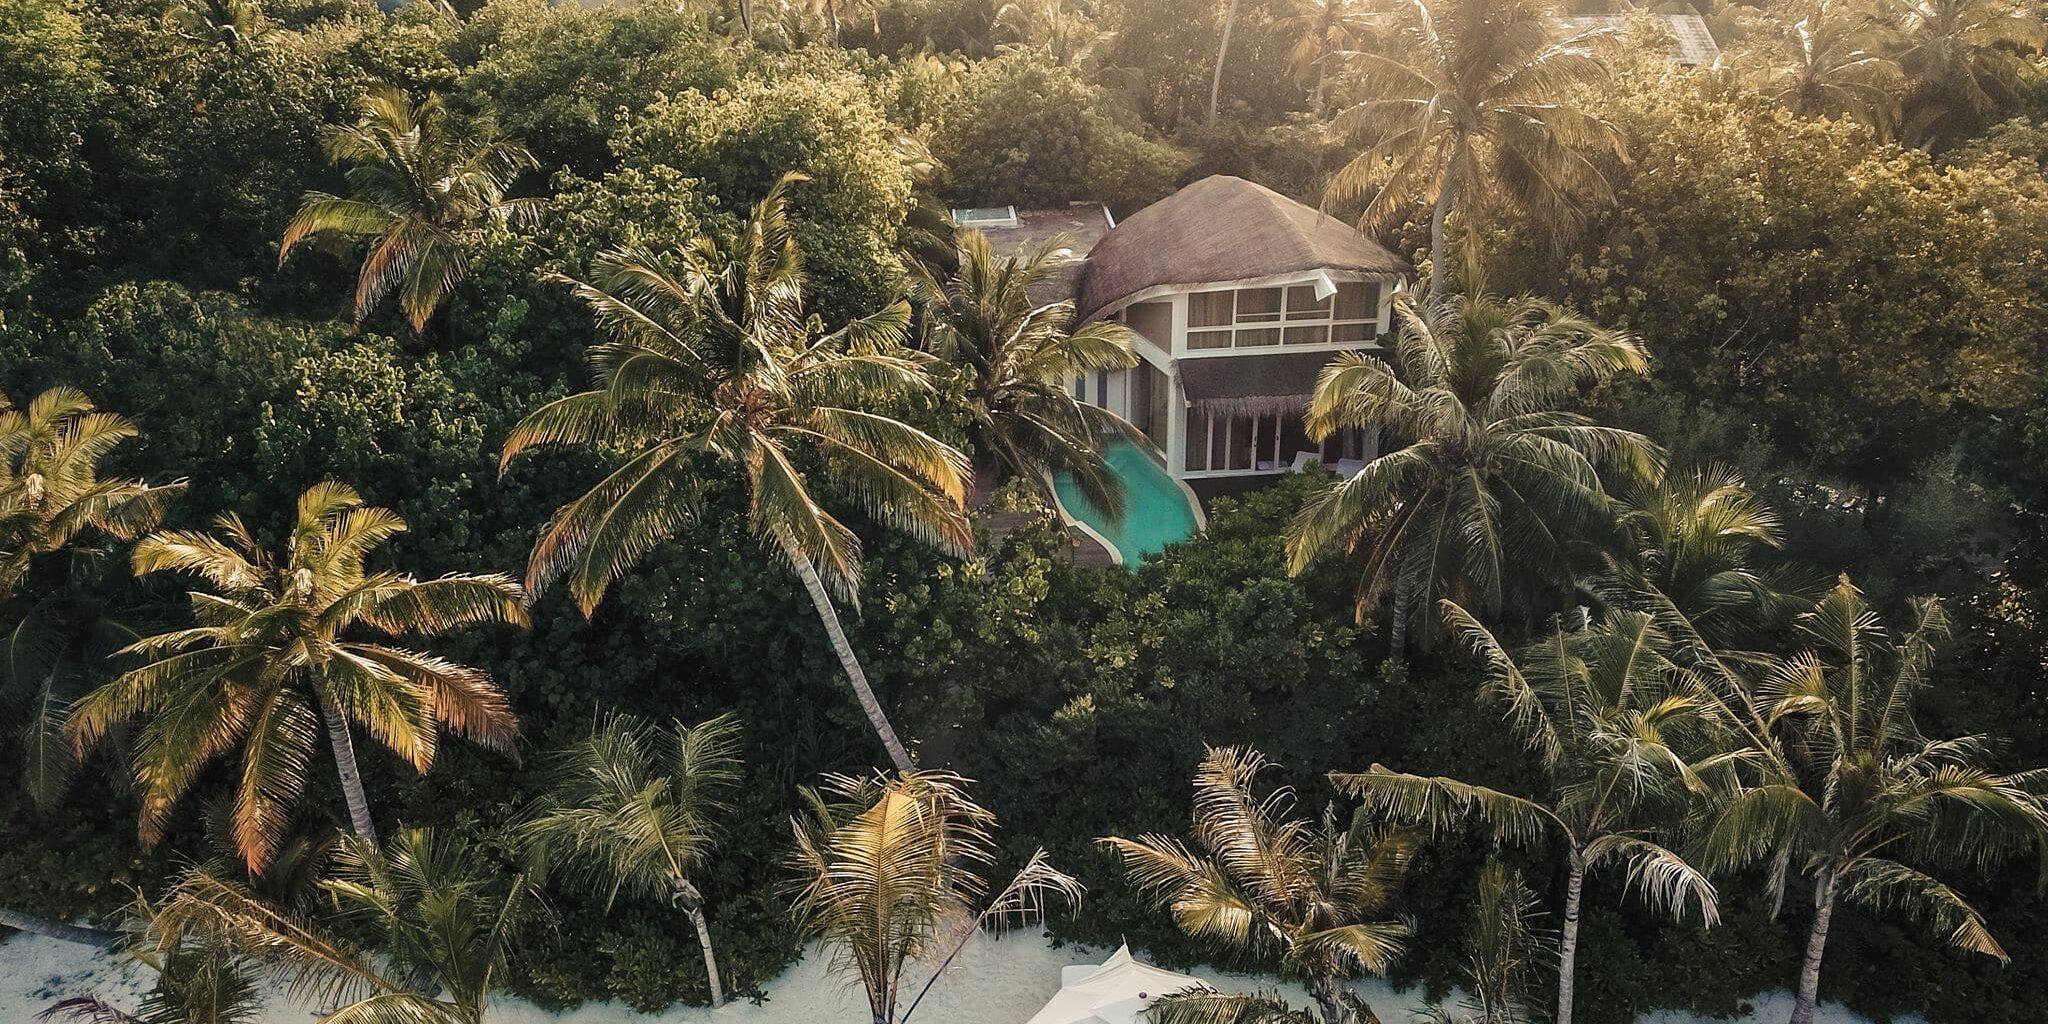 JW Marriott Maldives Duplex Beach Pool Villa